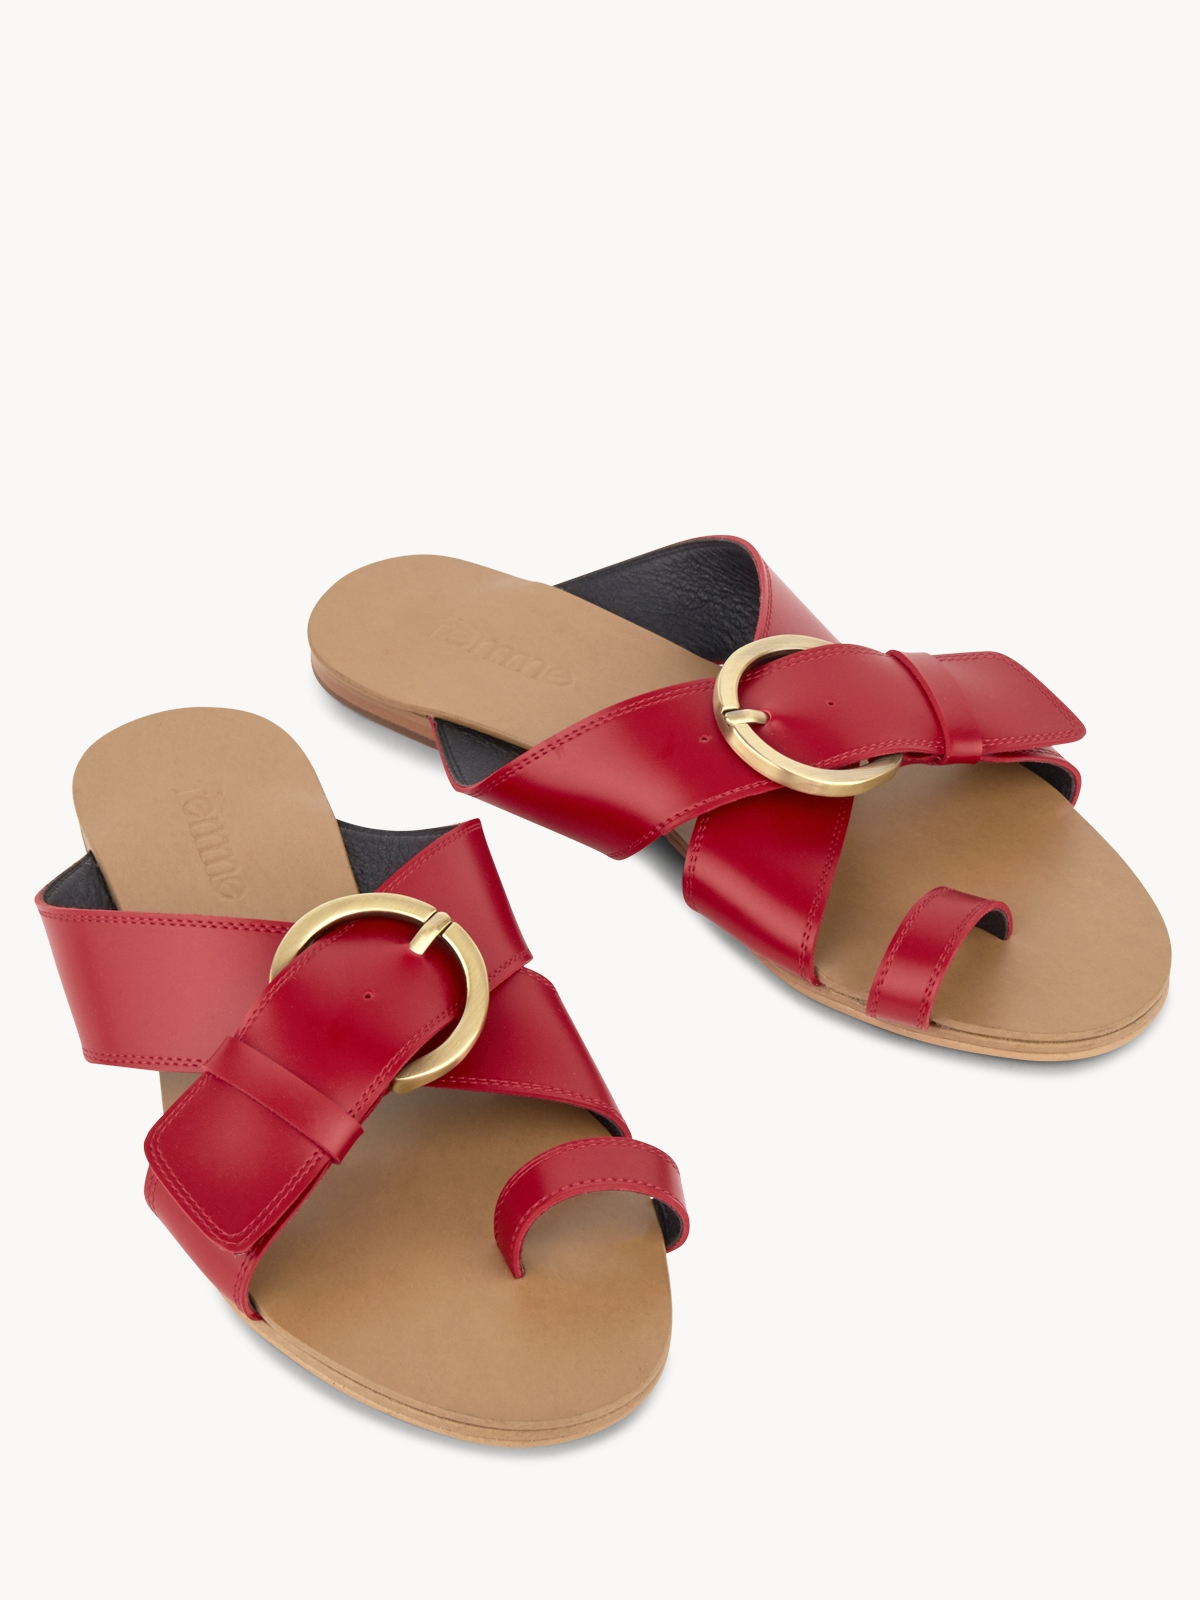 Femme Studio Femme Classic Sandals Red